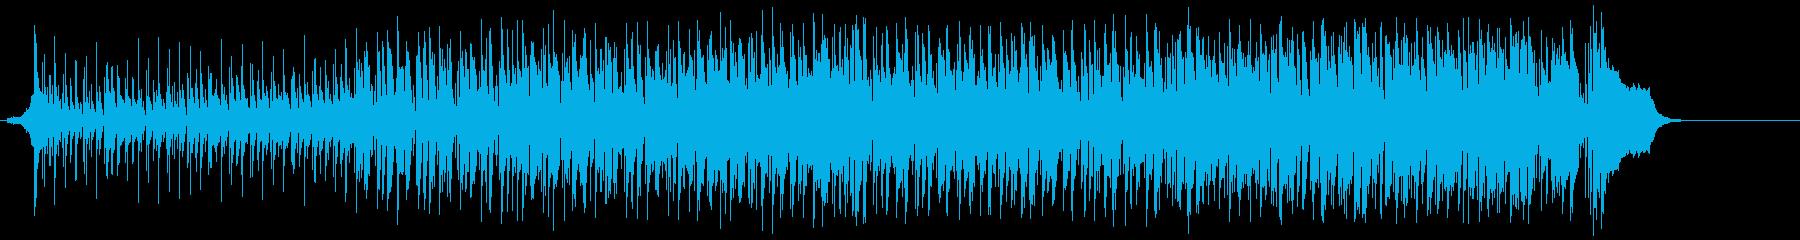 夜のクラブ系マイナー・ハウス/テクノの再生済みの波形